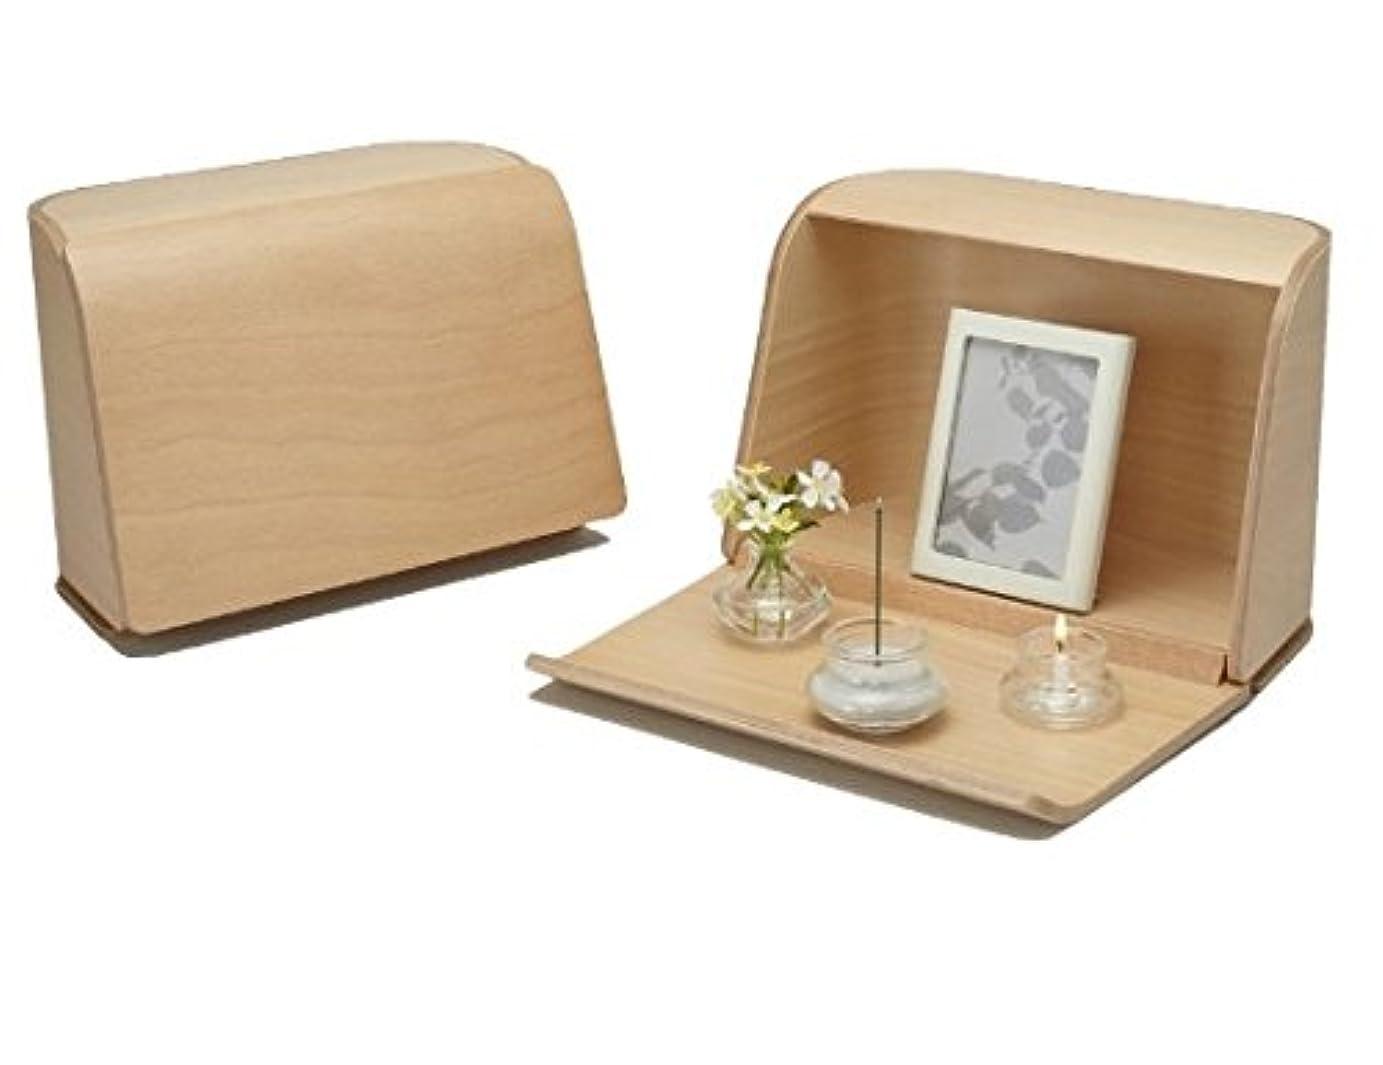 パネル見捨てる変換するやさしい時間祈りの手箱ナチュラル × 3個セット